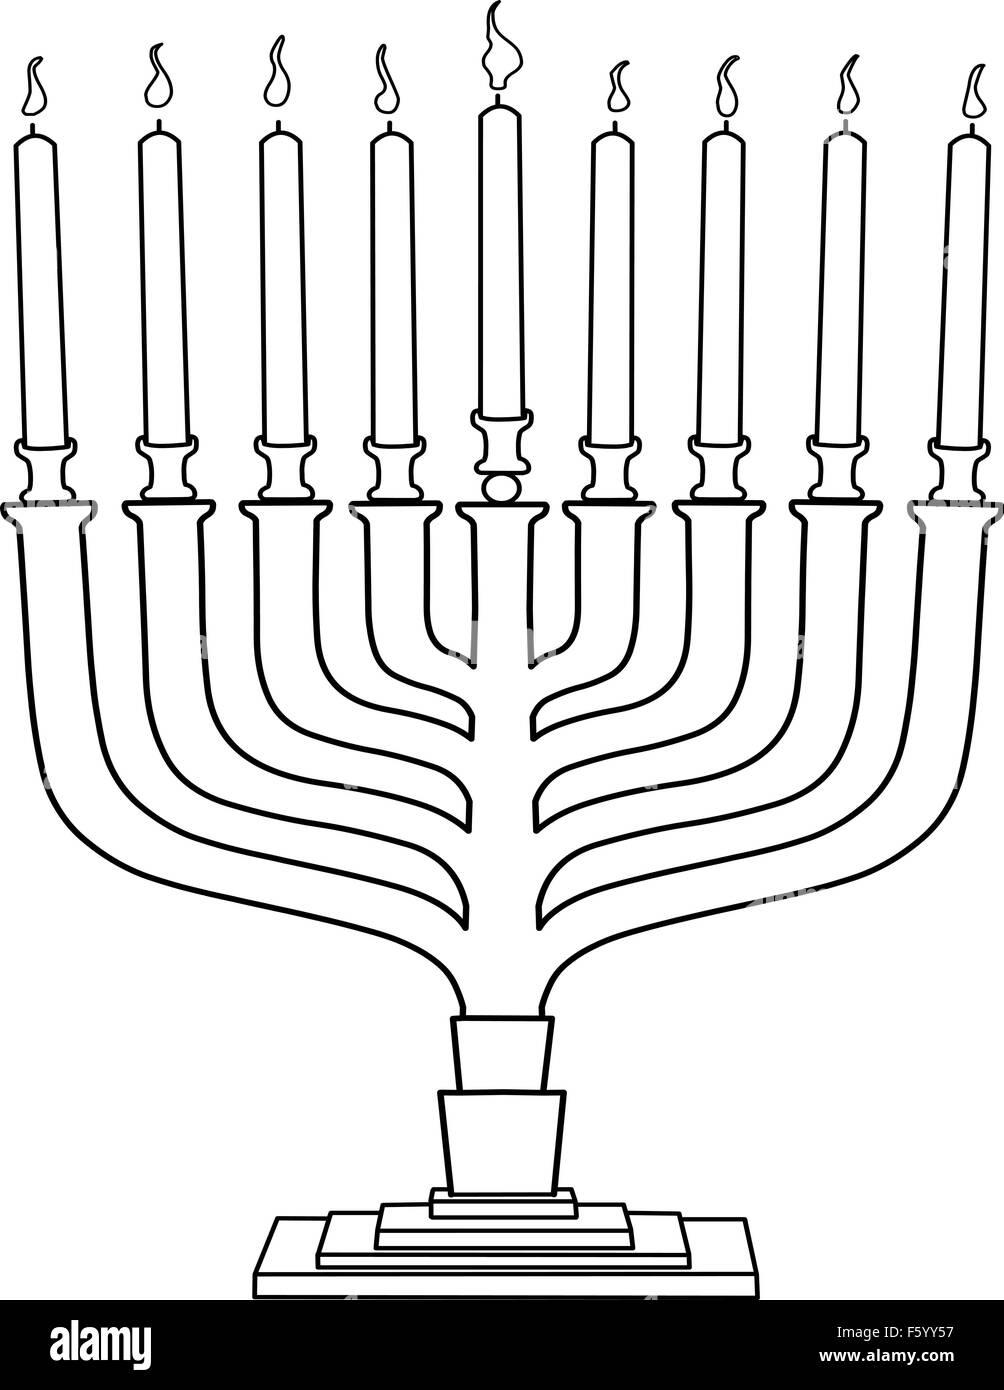 Vektor-Illustration Malvorlagen von Hanukkia mit Kerzen für des ...